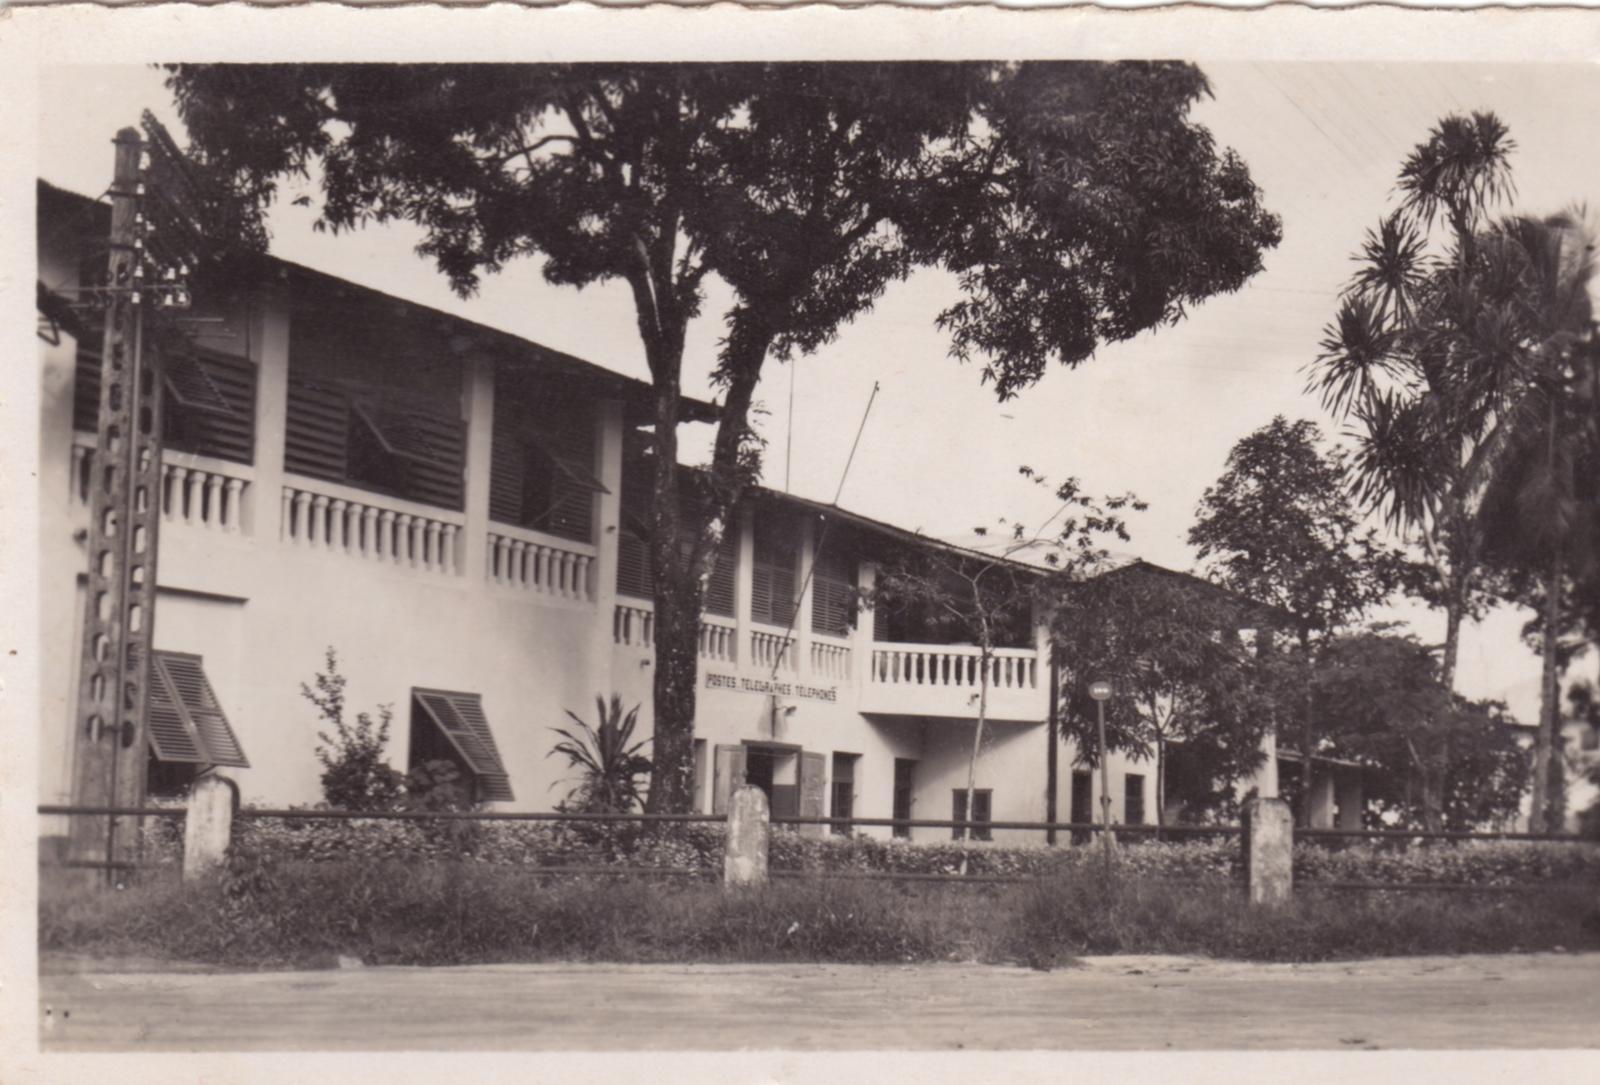 Douala -  La Poste Photo René Pauleau, Douala Recevez  nos voeux pour 1953nous sommes provisoirement logés dans un rdc des cases Meunier.Mon mari a repris son travail à New bellThérèse Laborde